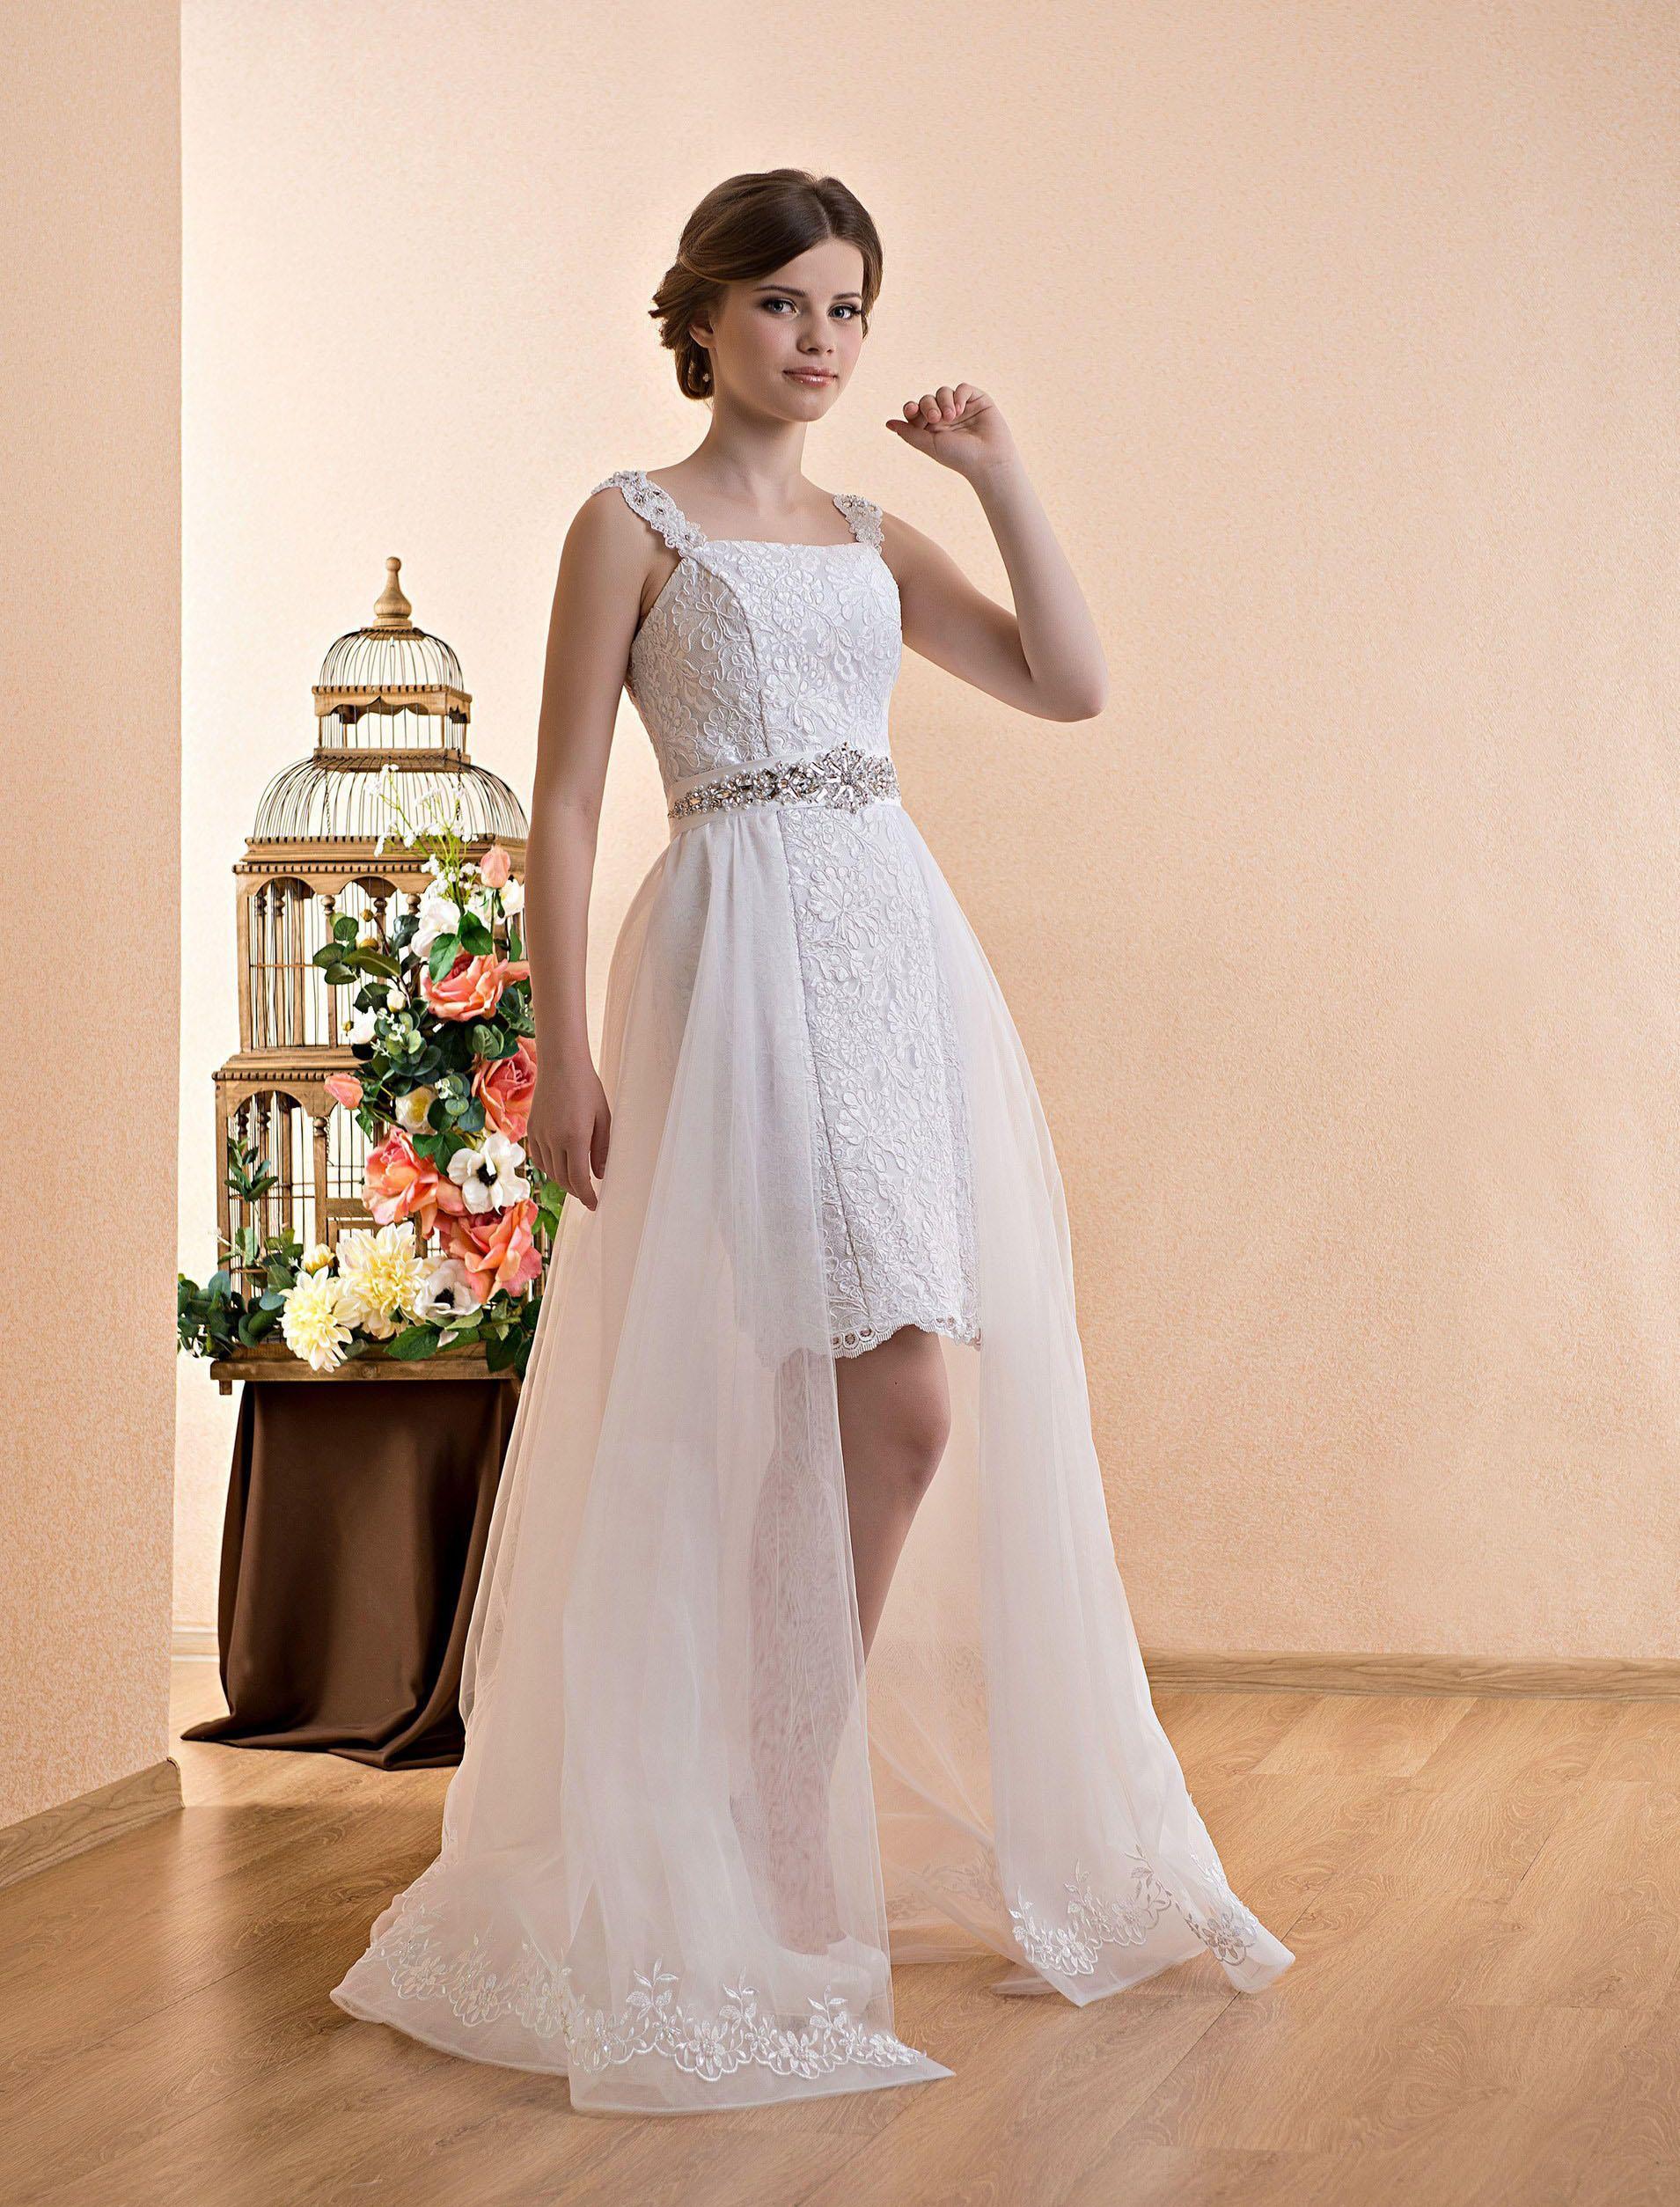 Short Wedding Dress Dress Transformer With A Cape Belt Chiffon Skirt And Lace Simple Wedding Dress Bohemian Wedding Wedding Dresses Dresses White Short Dress [ 2508 x 1909 Pixel ]